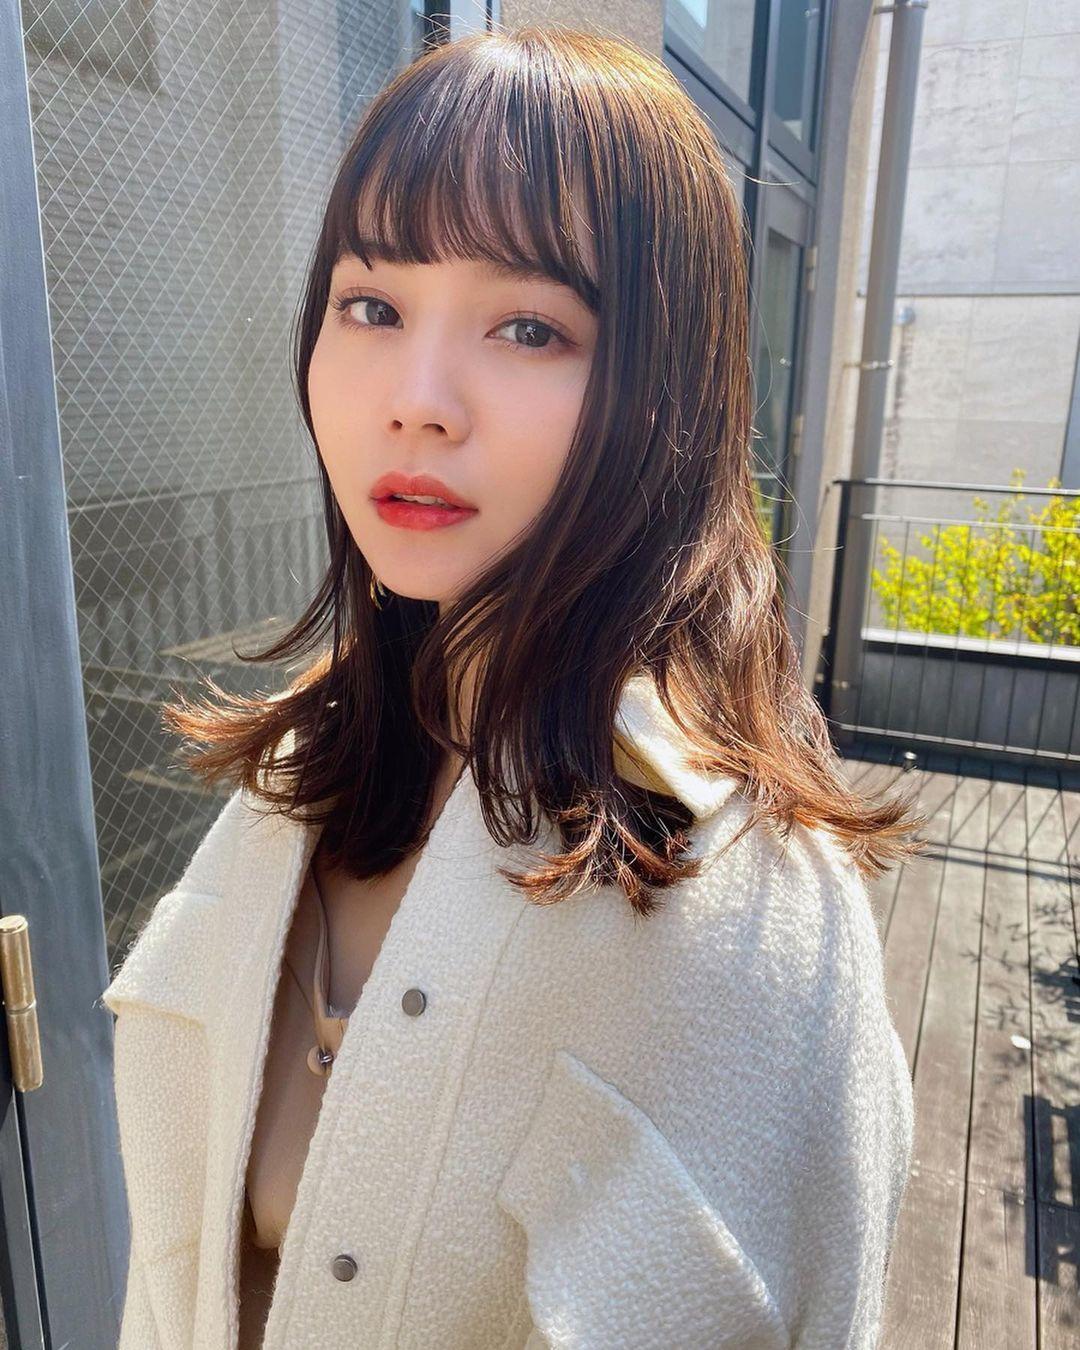 崛北真希妹妹NANAMI新生代清纯女 网络美女 第17张